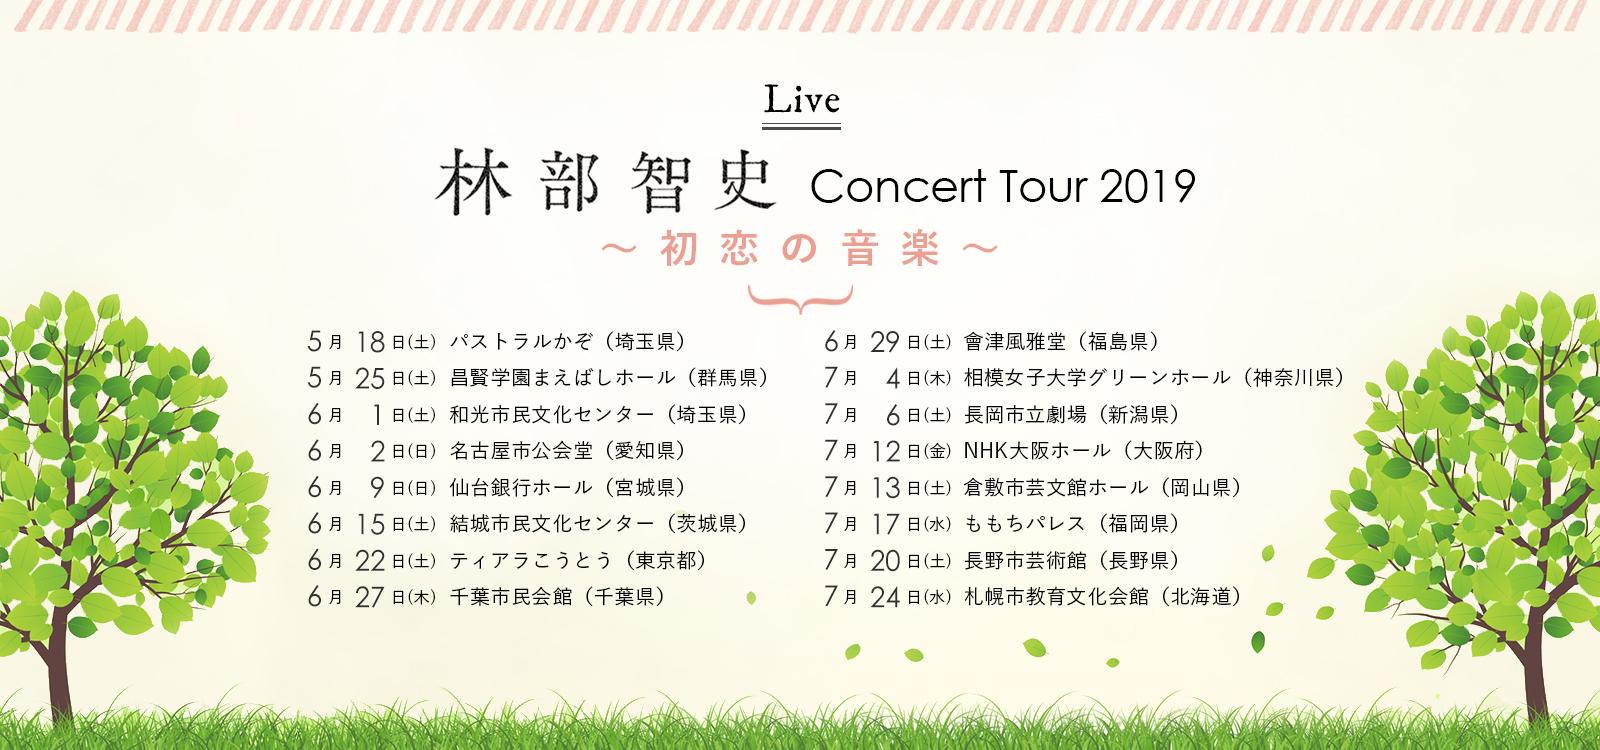 林部智史 CONCERT TOUR 2019 初恋の音楽